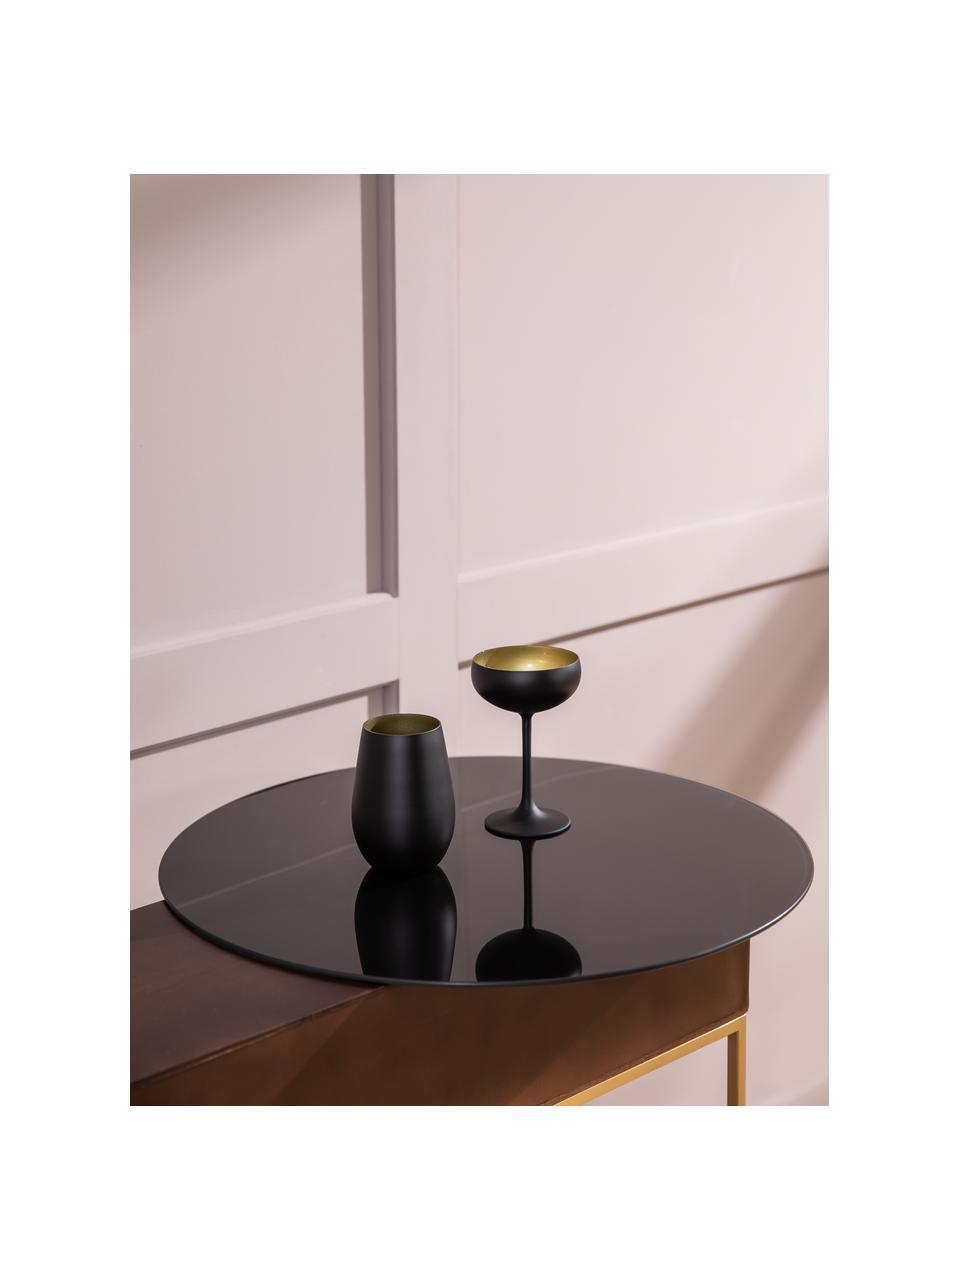 Szklanka do koktajli ze szkła kryształowego Elements, 6 szt., Szkło kryształowe, powlekane, Czarny, odcienie mosiądzu, Ø 9 x W 12 cm